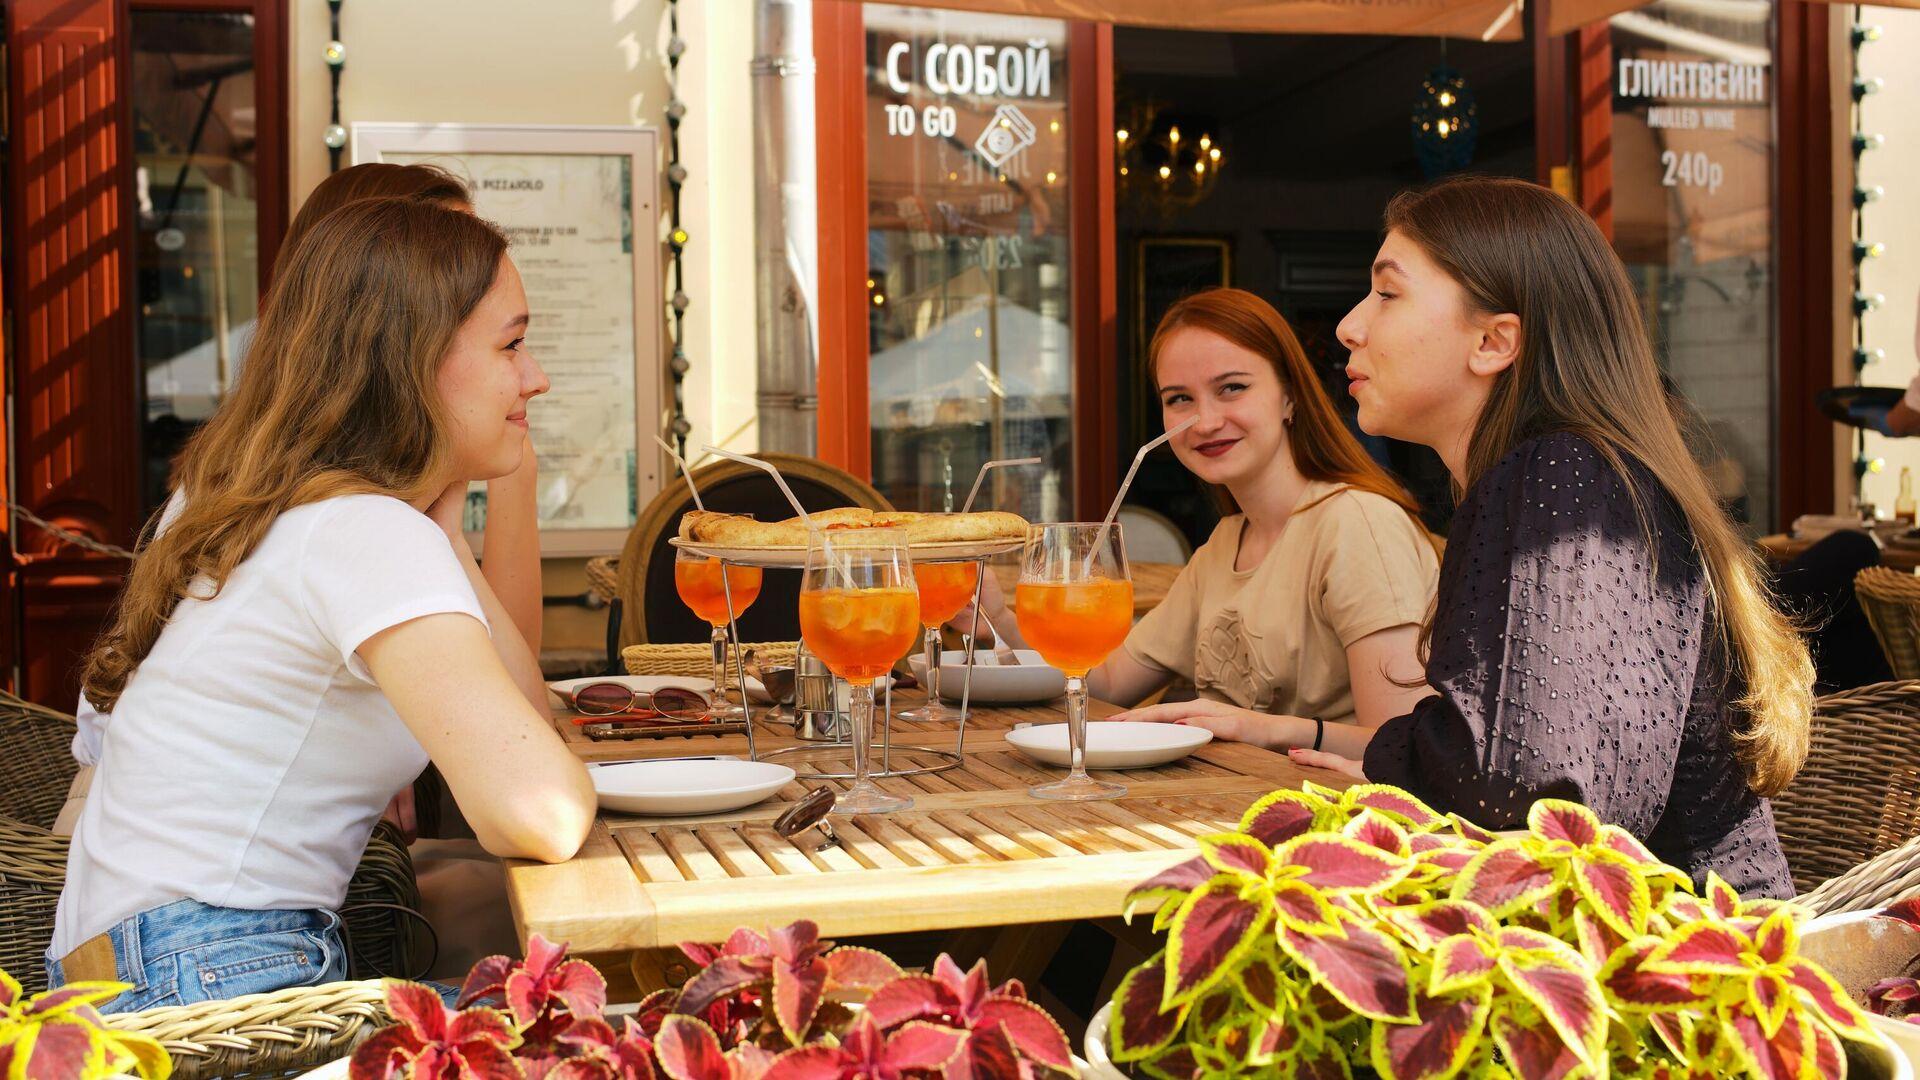 Девушки в летнем кафе - РИА Новости, 1920, 23.04.2021